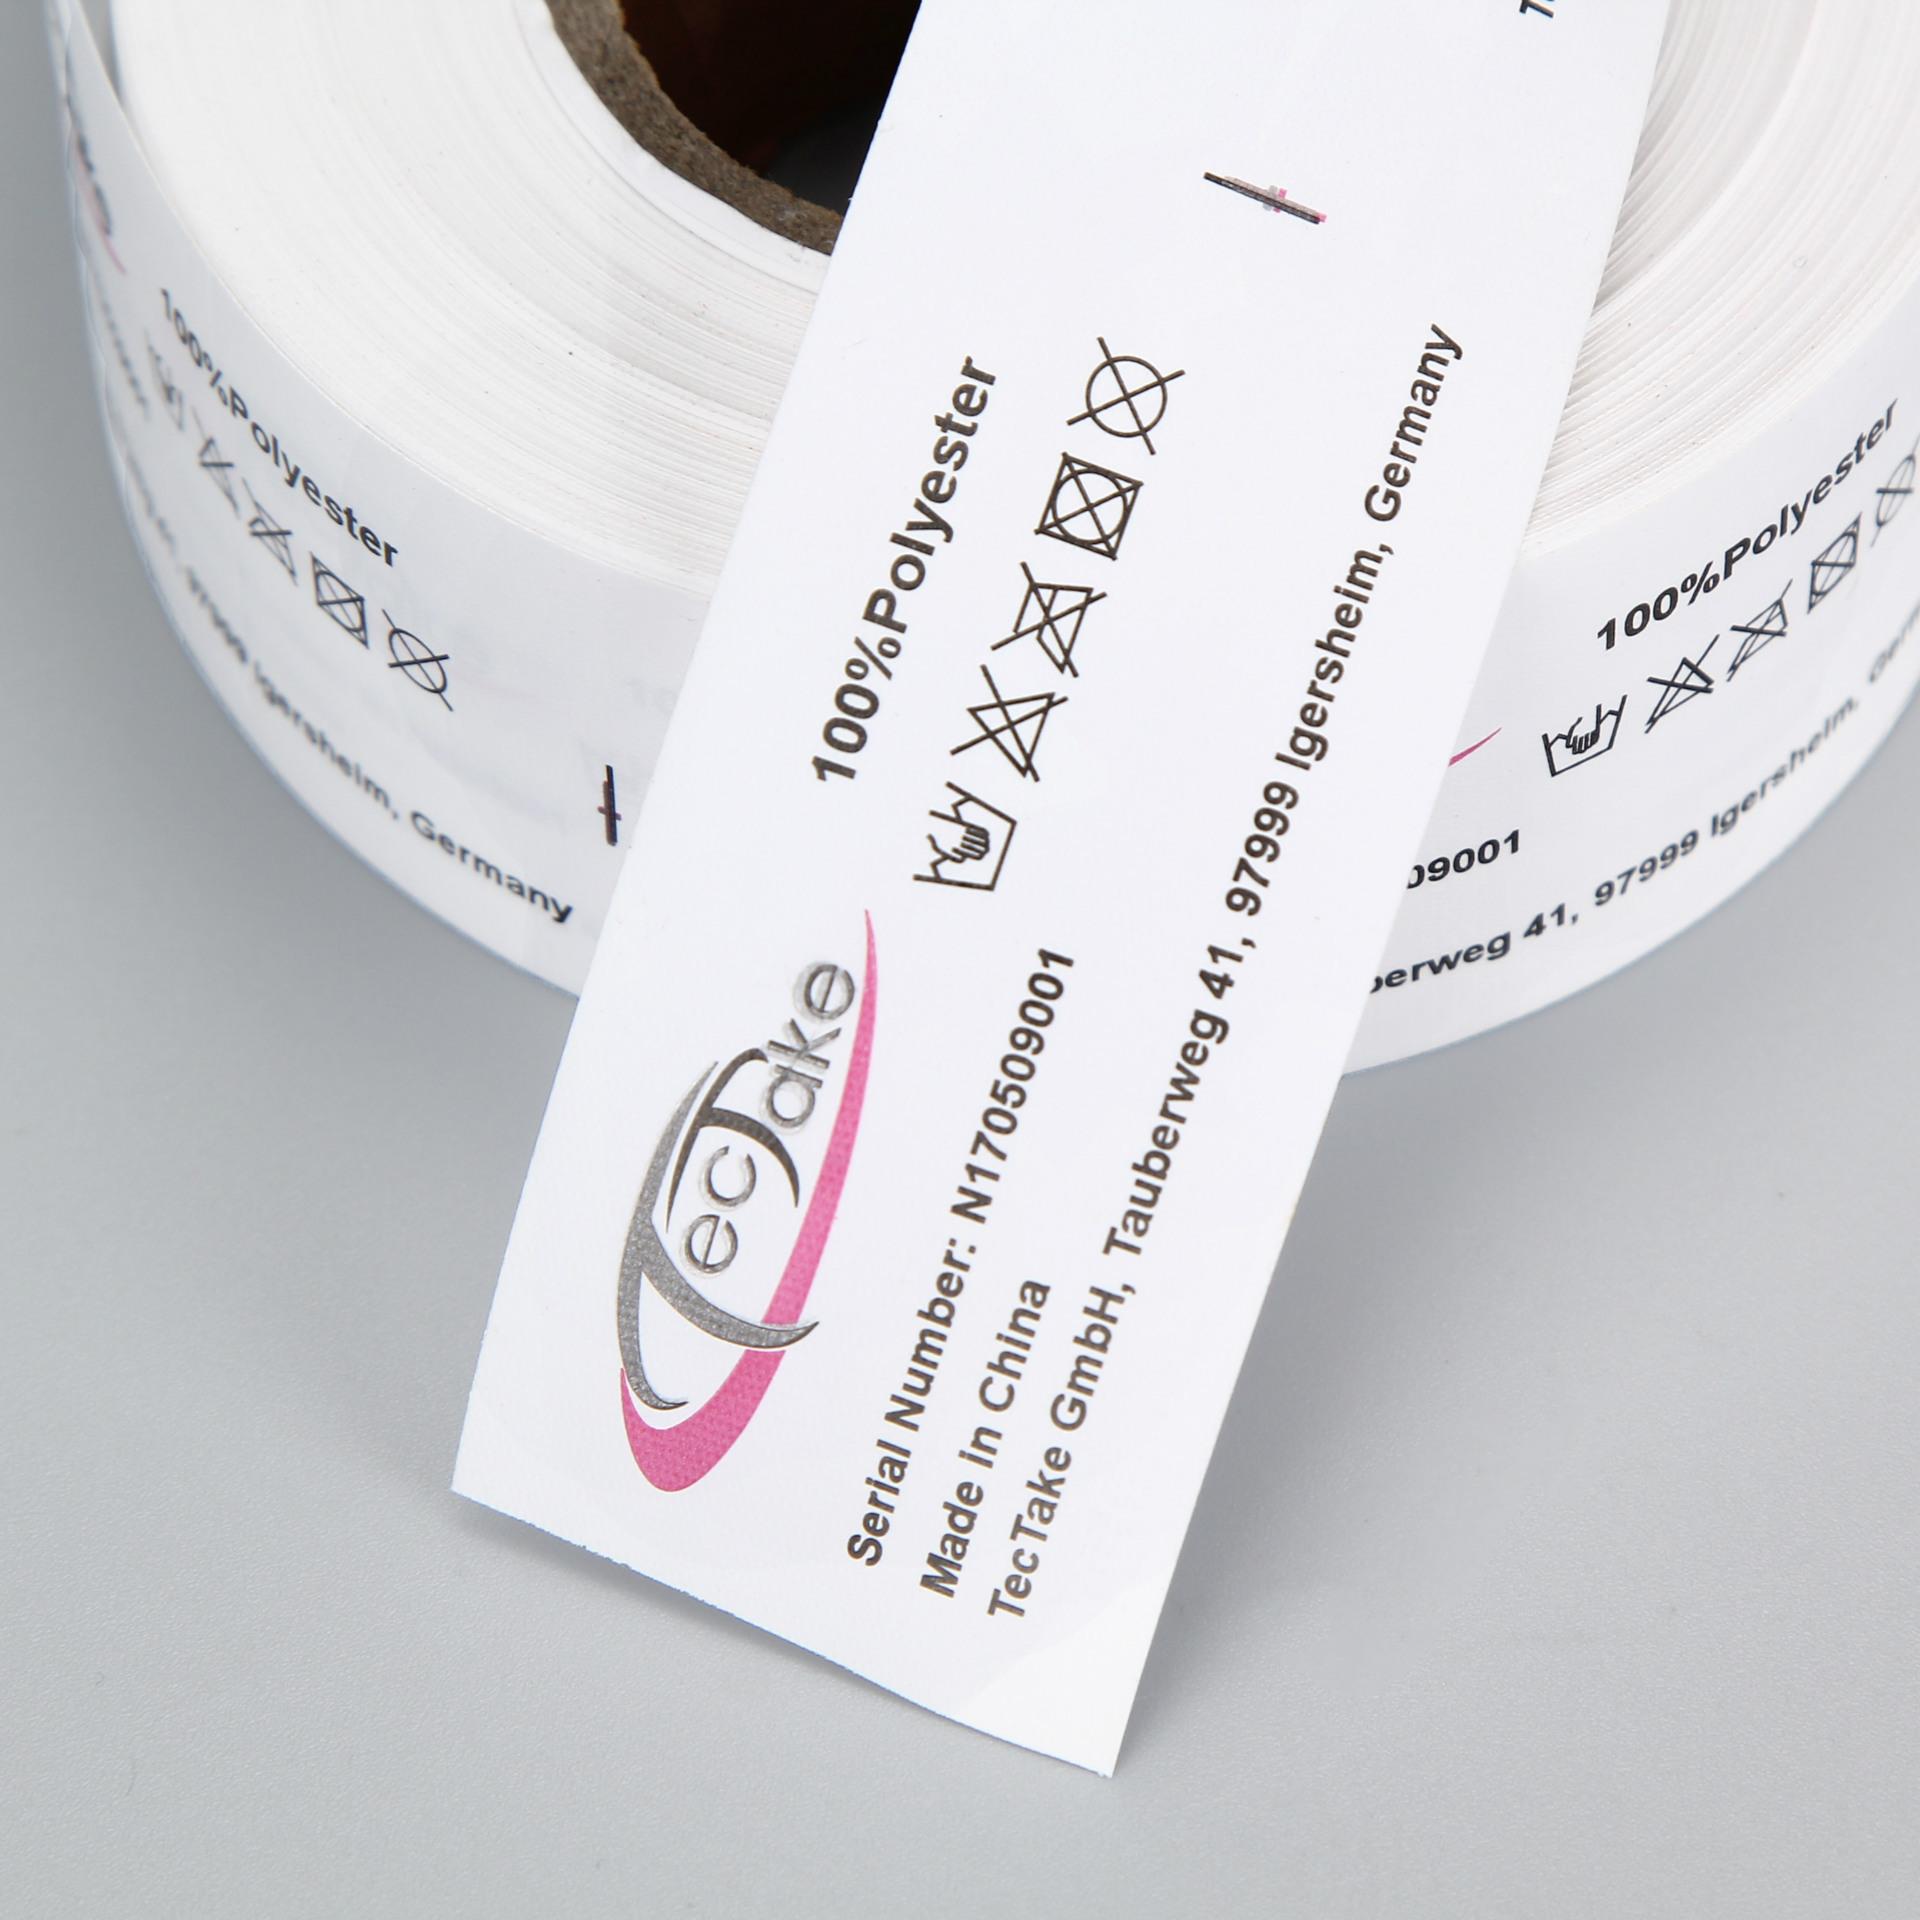 JUNZHAO tem mạc , logo Các nhà sản xuất chuyên sản xuất các nhãn hiệu quần áo, giặt, giặt, giặt, in,